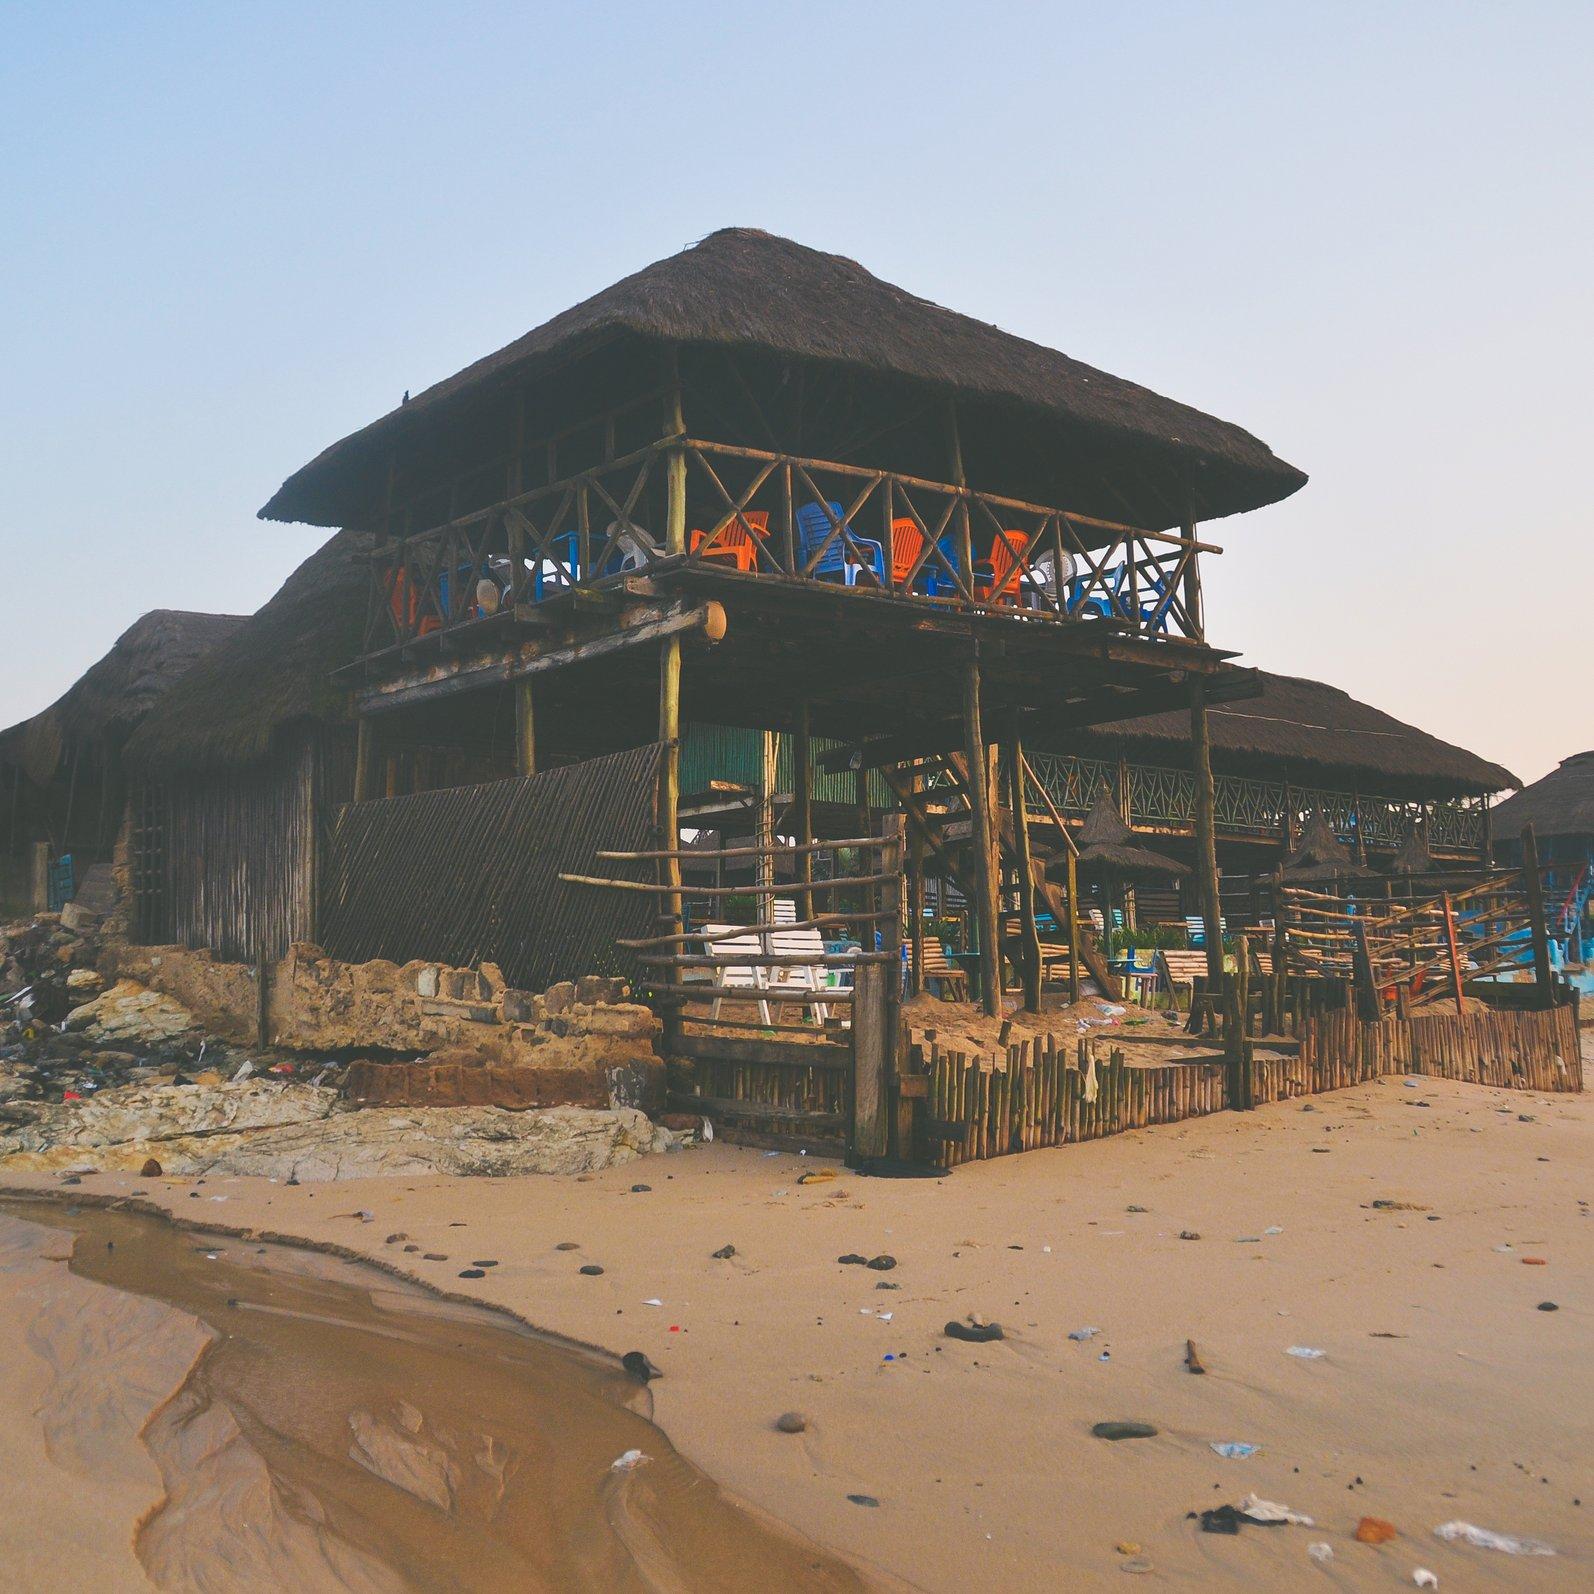 gray 2-story hut on seashore